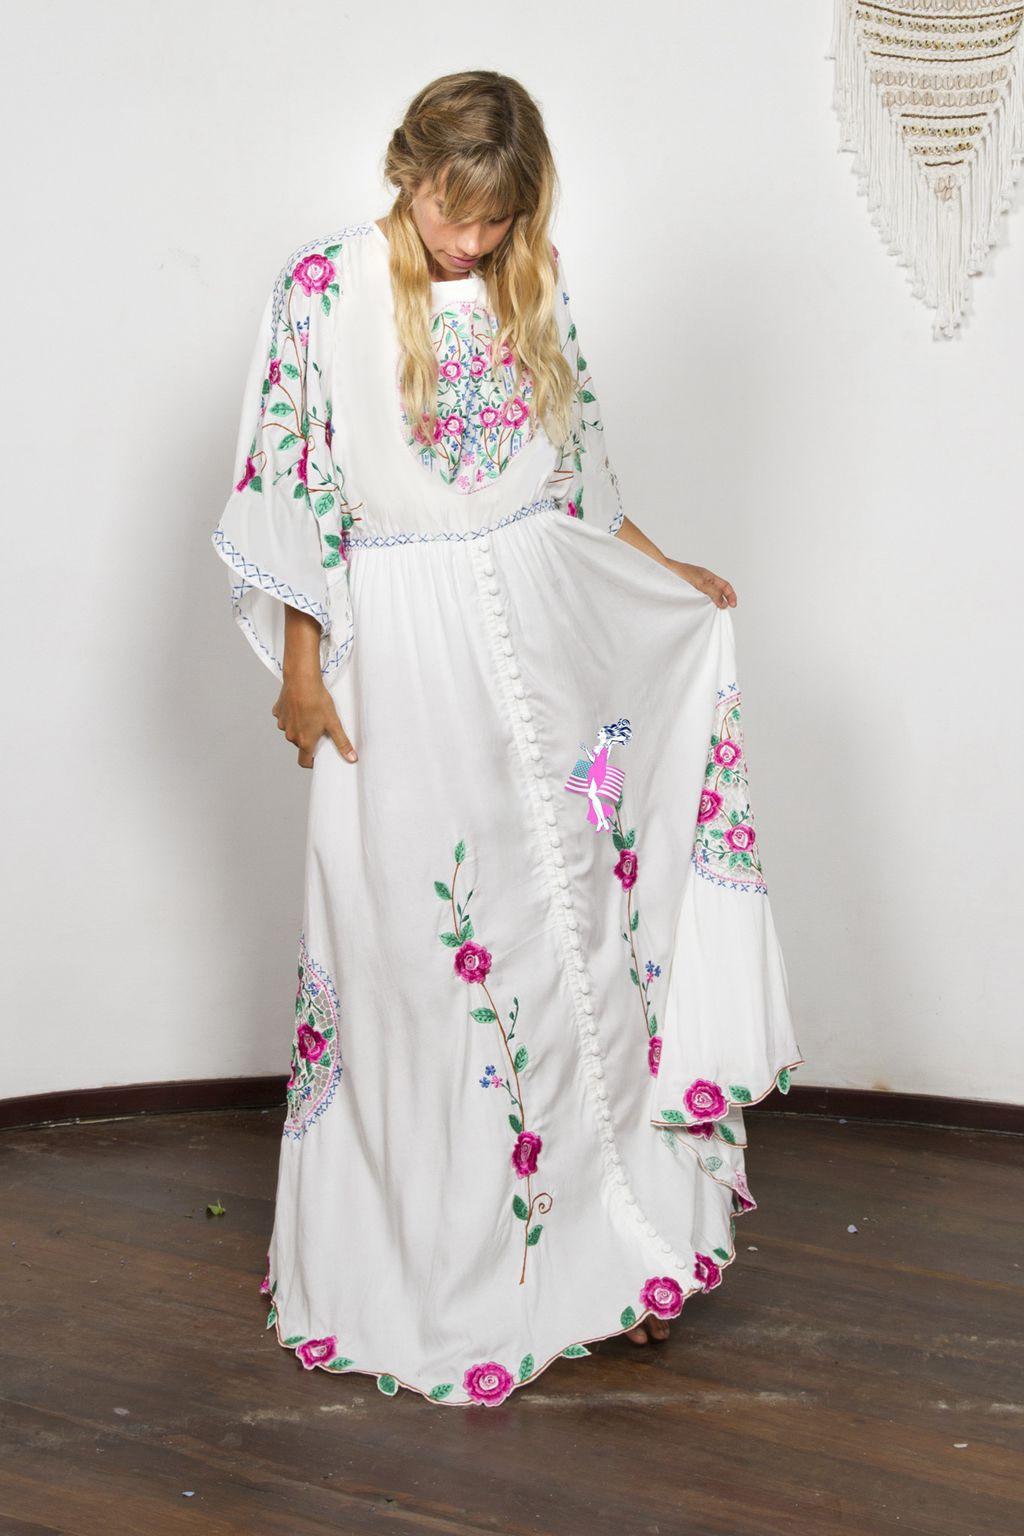 Donne Di Lungo Blue Chic Allentato Maxi collo Nero 2019 Del Manicotto Backless Fiore Sexy Vestito Etnico Ricamo bianco Modello O Chiarore il Delle qVGUMSzp